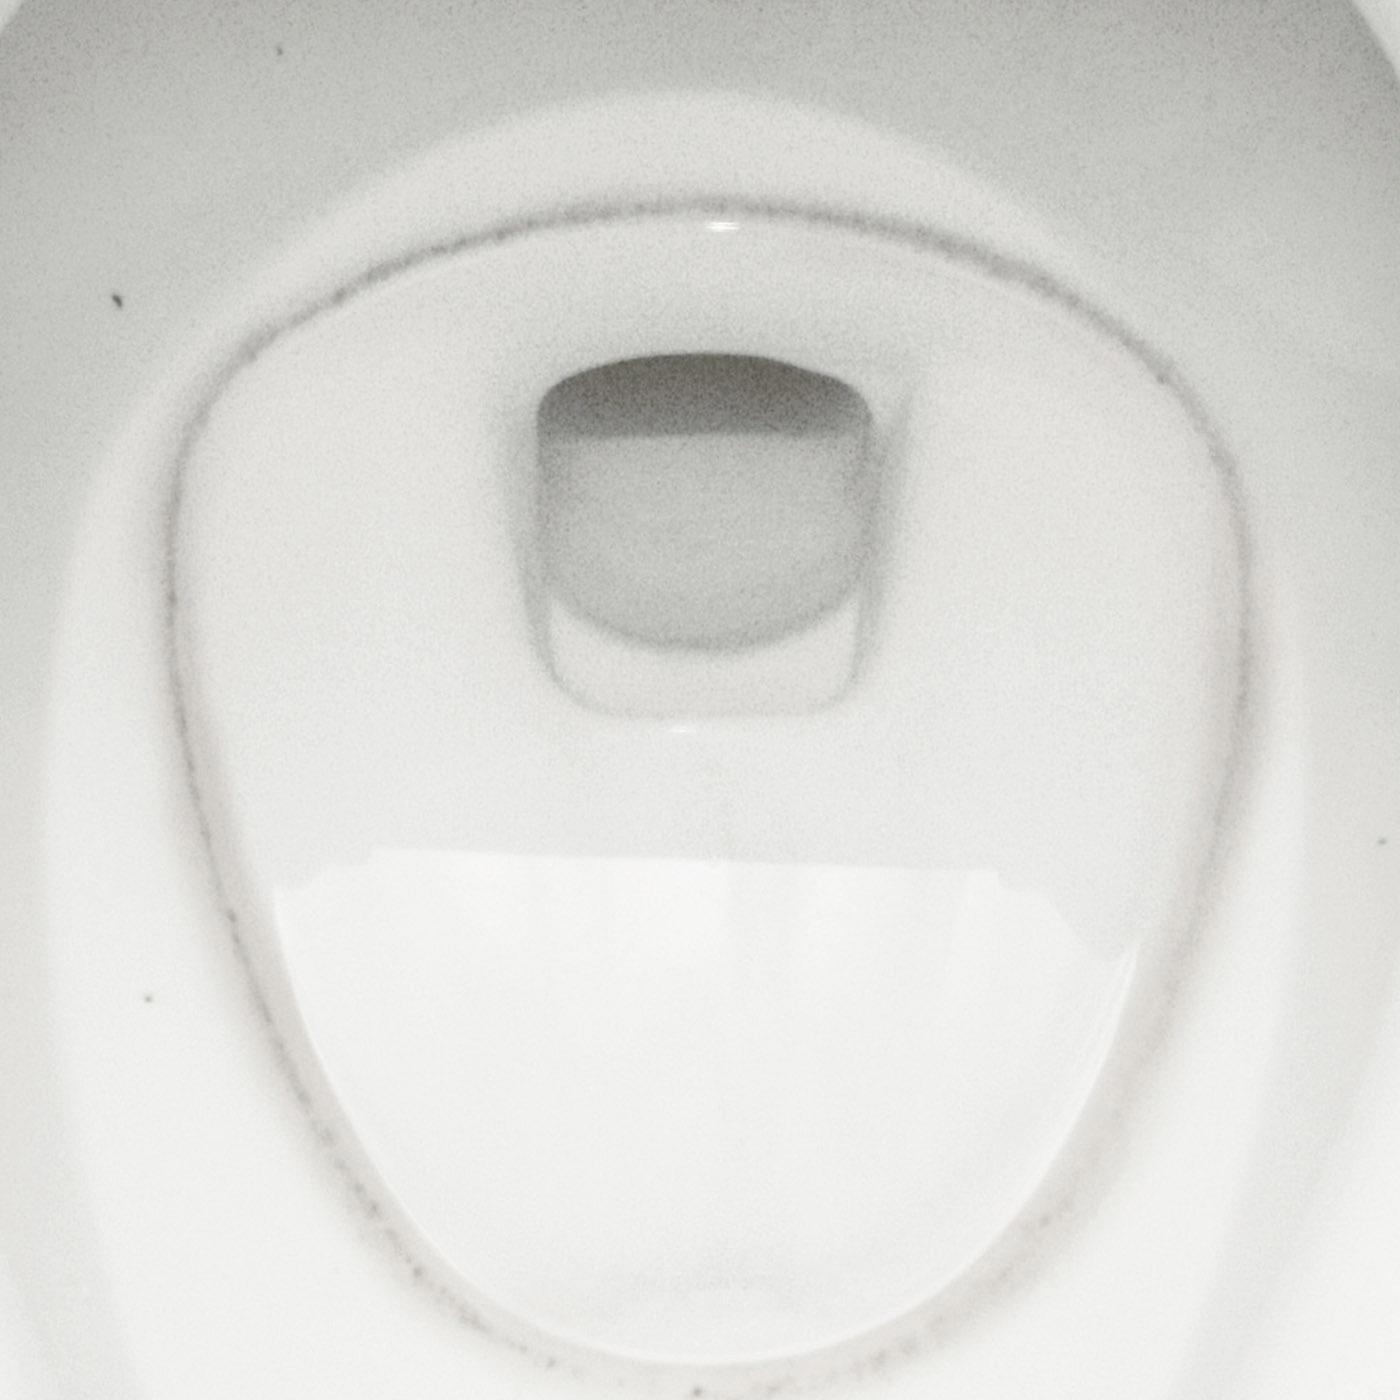 お掃除後、クリーナーを不使用1ヵ月後。 ※使用条件により異なります。